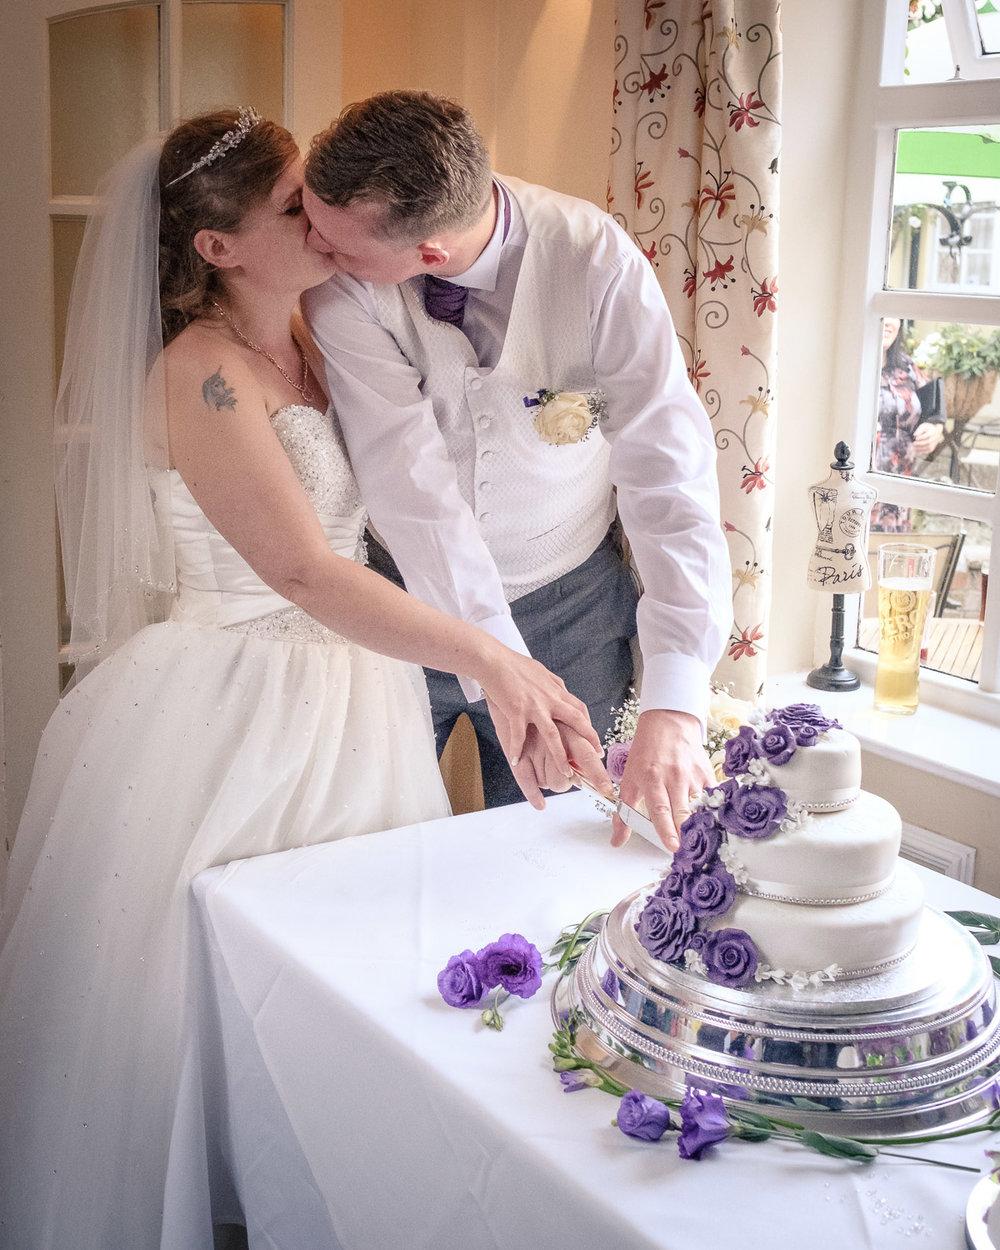 newlywed-cake-cutting